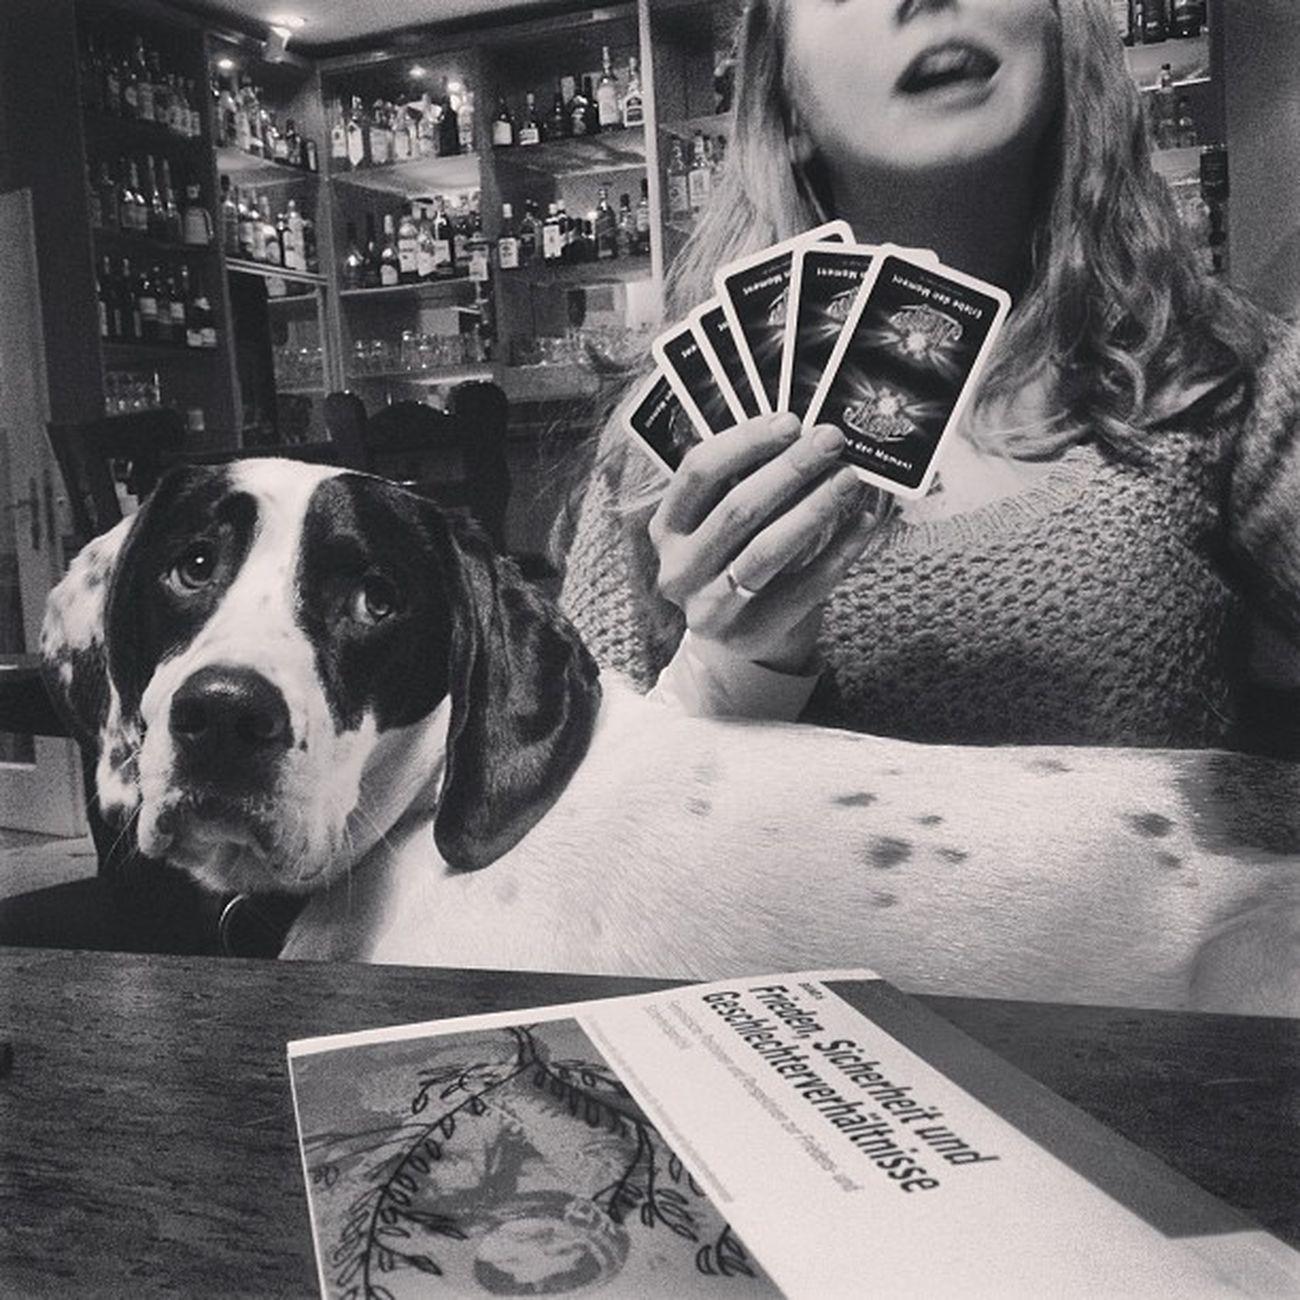 Germany Berlin Wedding Brunnenstraße Brunnenviertel Mitte Brunnenquelle Felix Dog Hund IPhone Iphonephotography Photography Bw Kristin  Stich Card Gambling